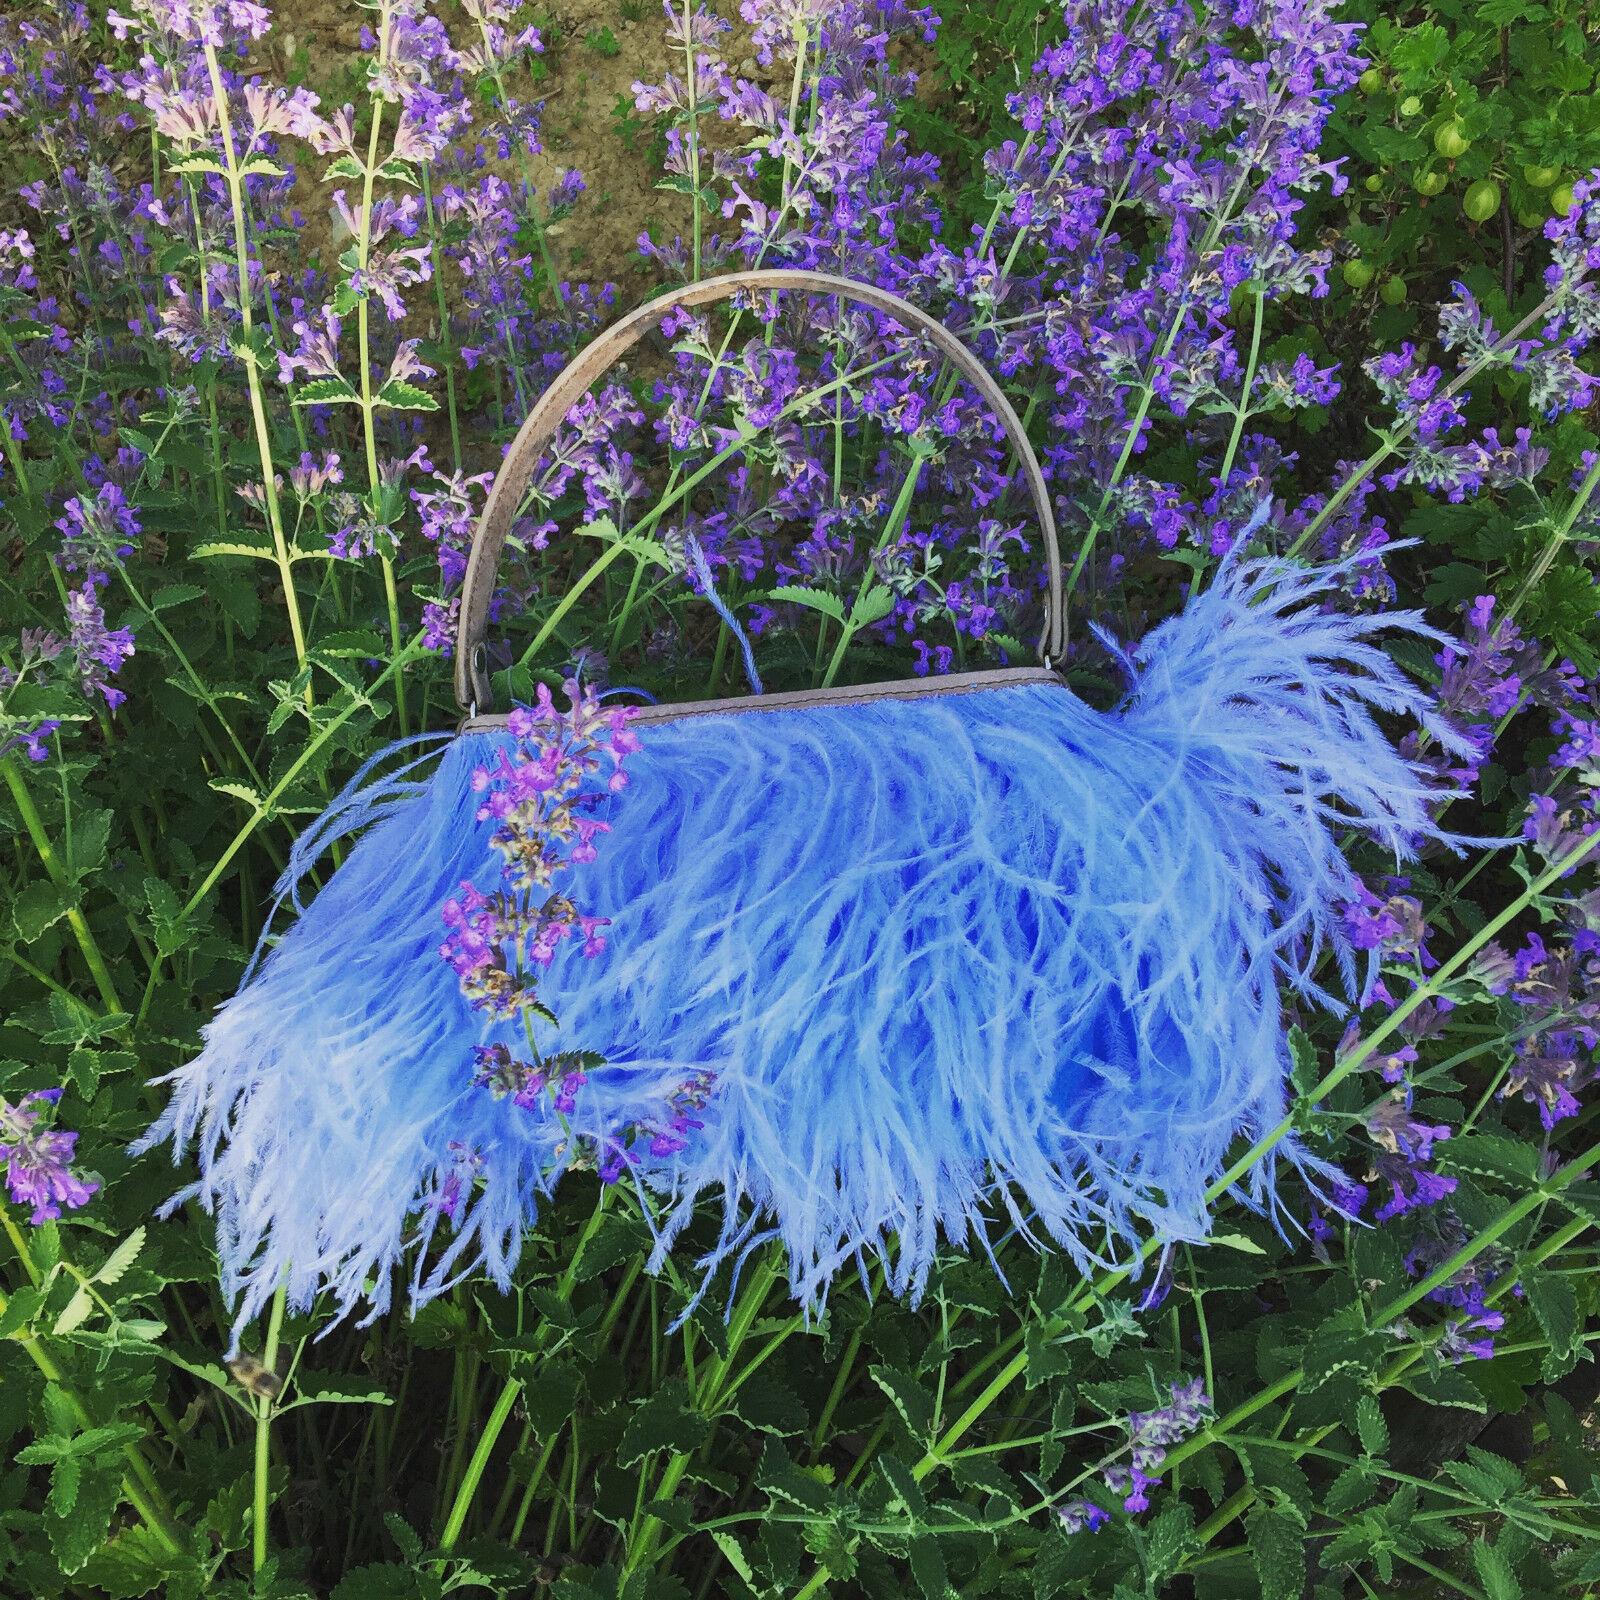 Rarity Bags,Handtasche,Federbag,Tasche mit Straussenfedern,Federn,Ostrich blau